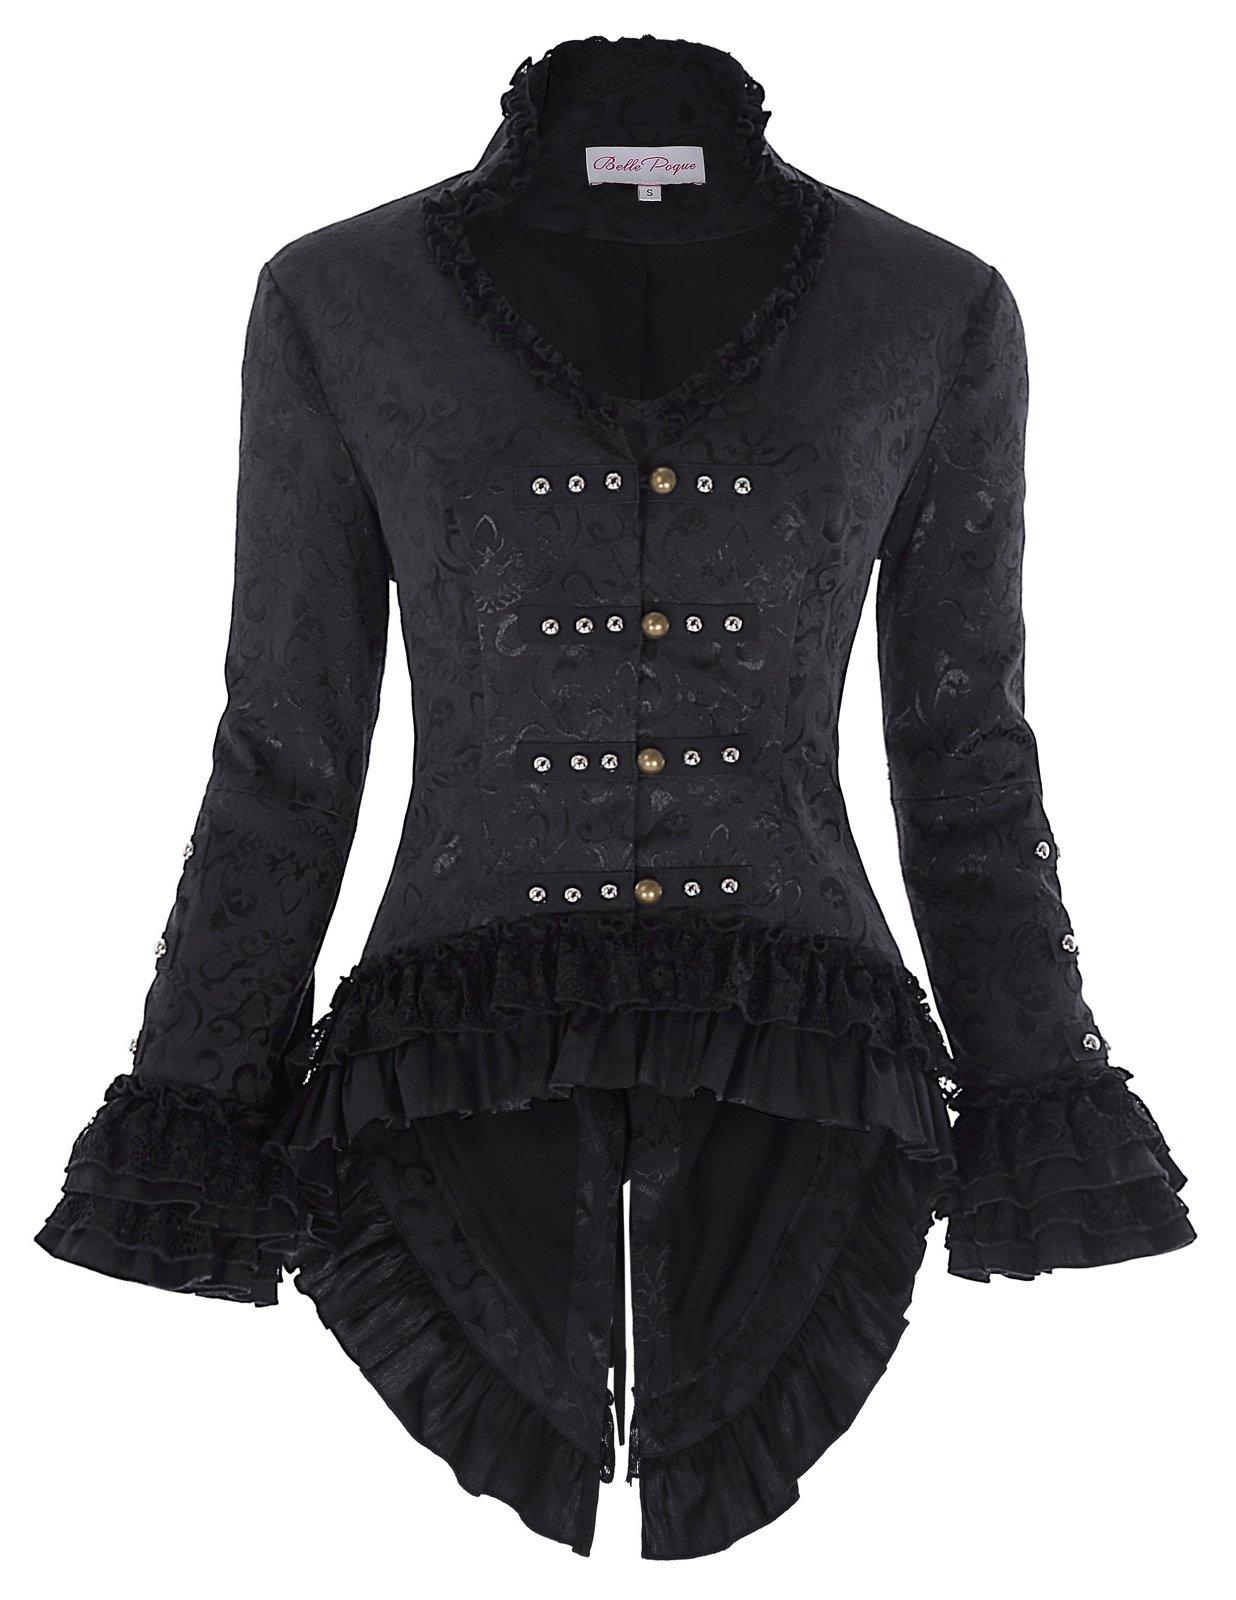 Women¡¯s Vintage Victorian Jacquard Coat Tops Corset Style BP562-1 Black Size M